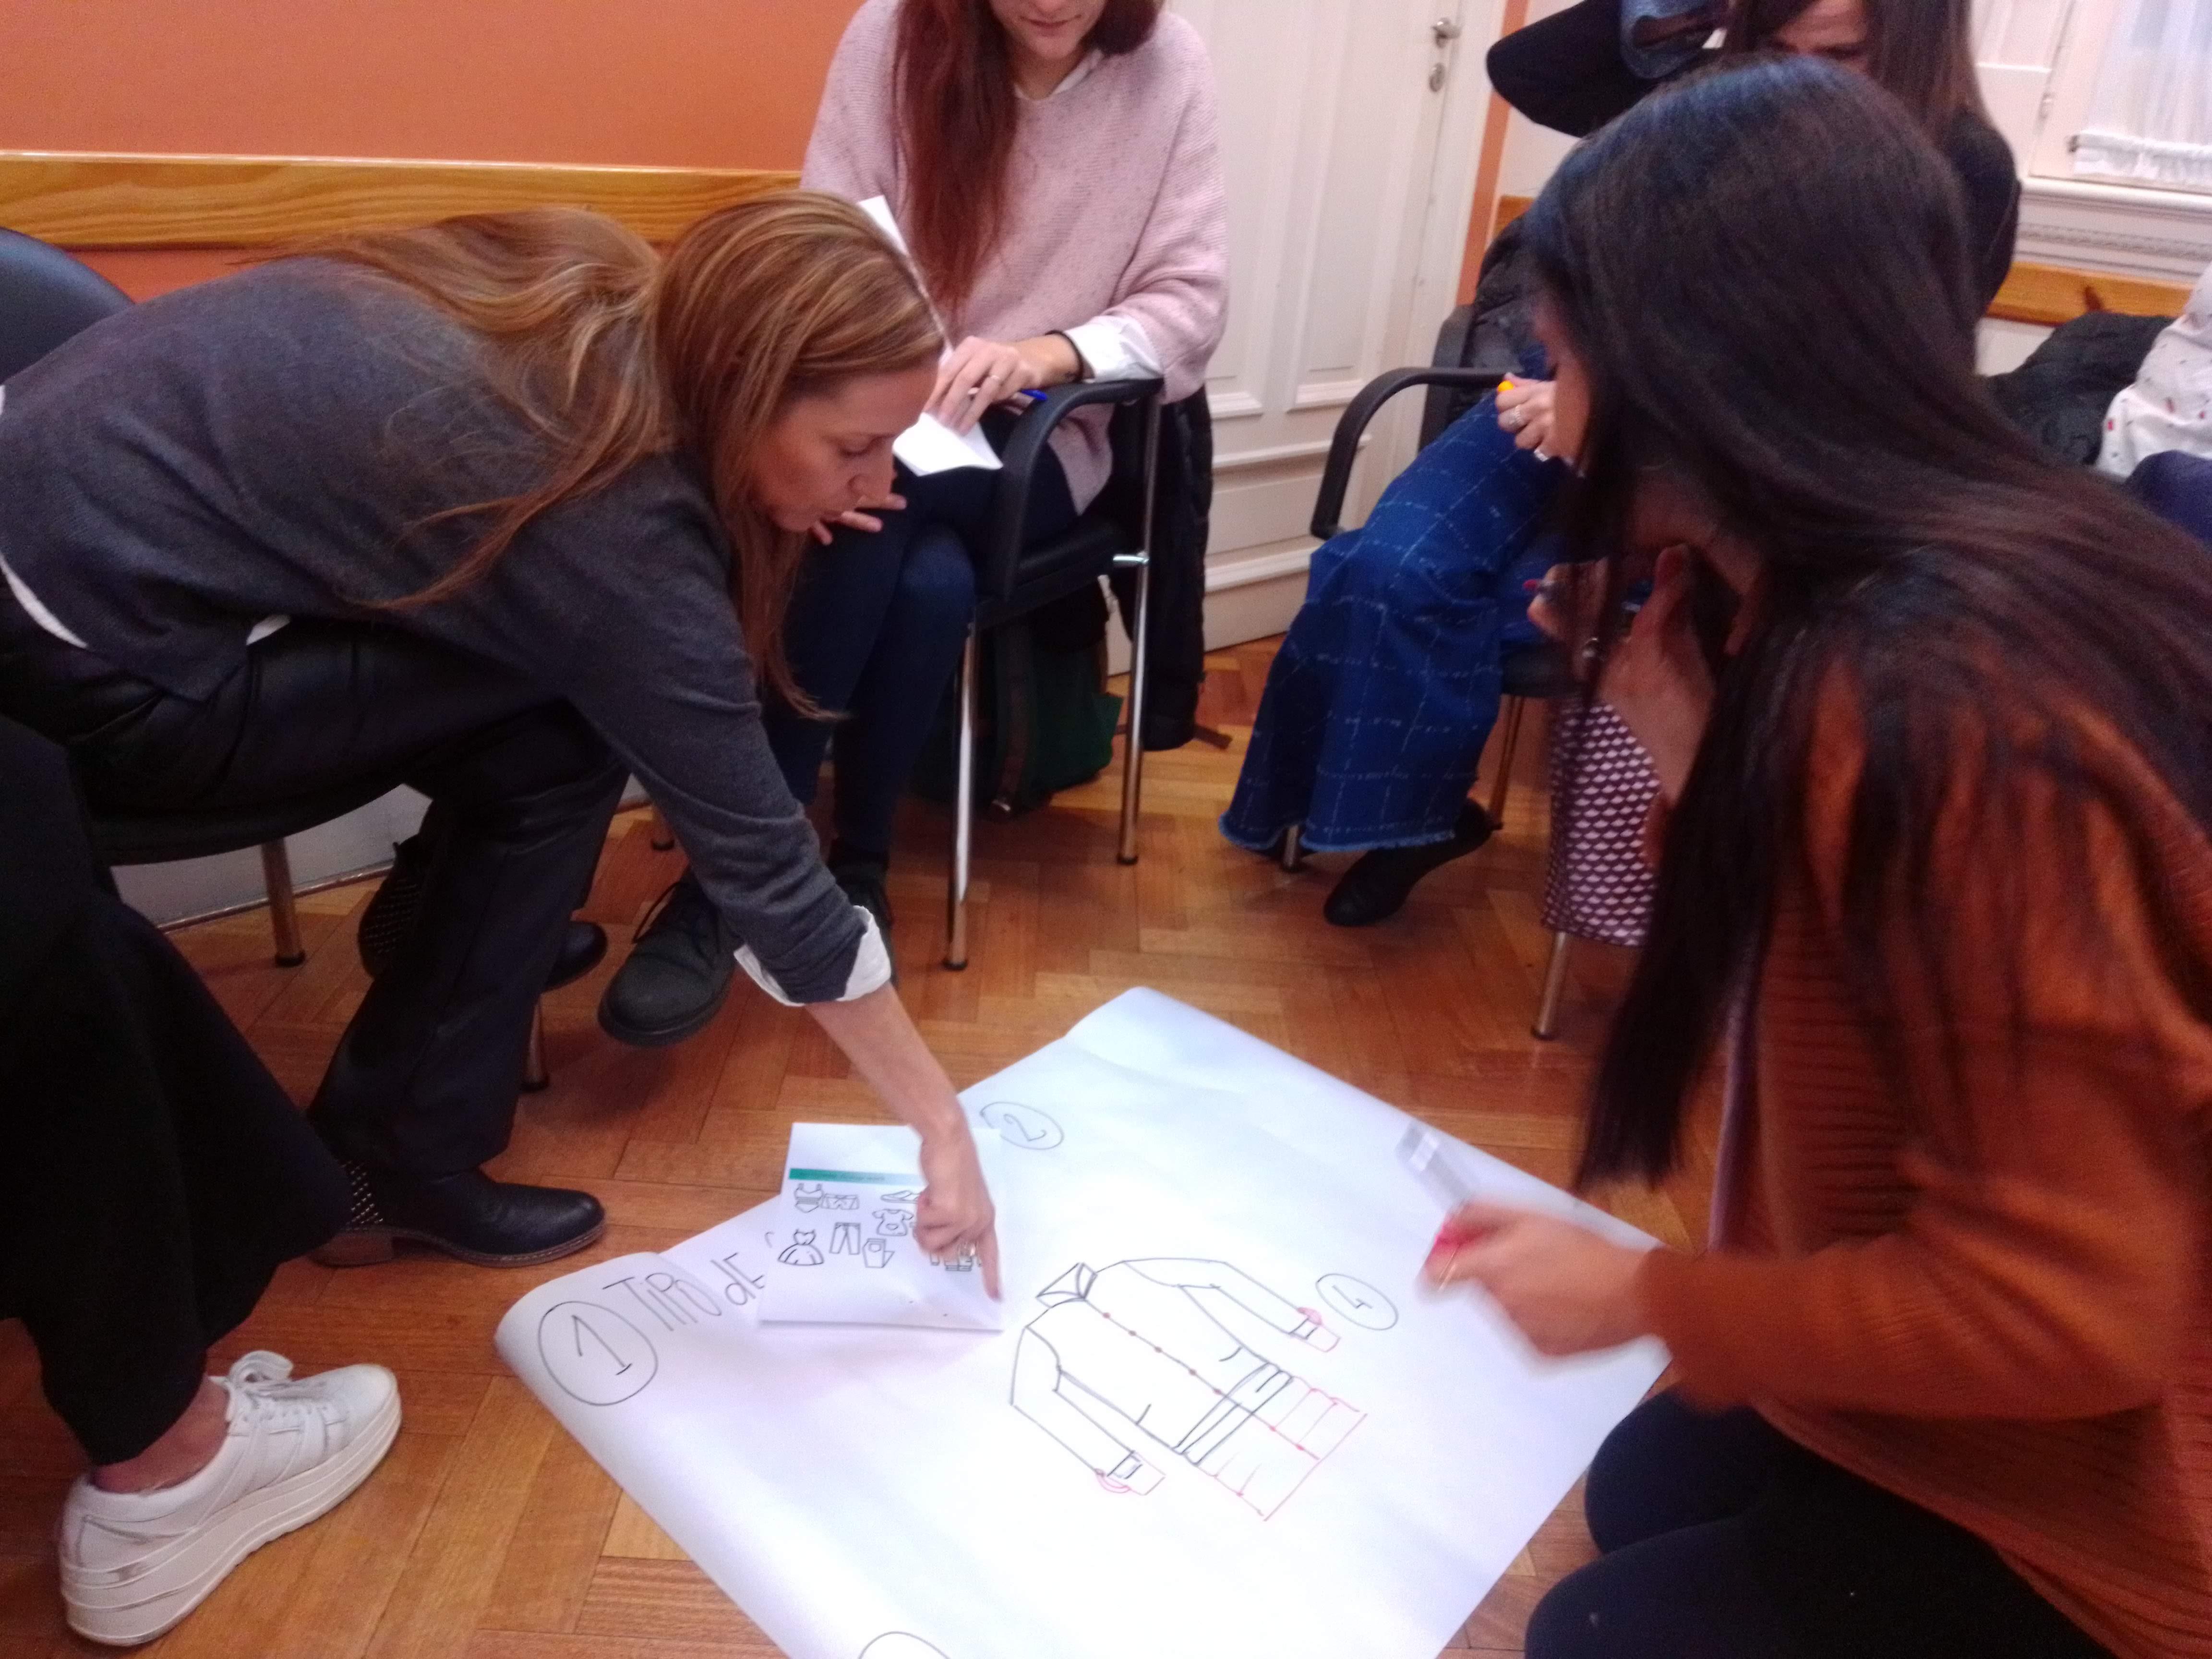 En el Workshop los participantes trabajaron en grupos para diseñar prendas desde una perspectiva de economía circular.